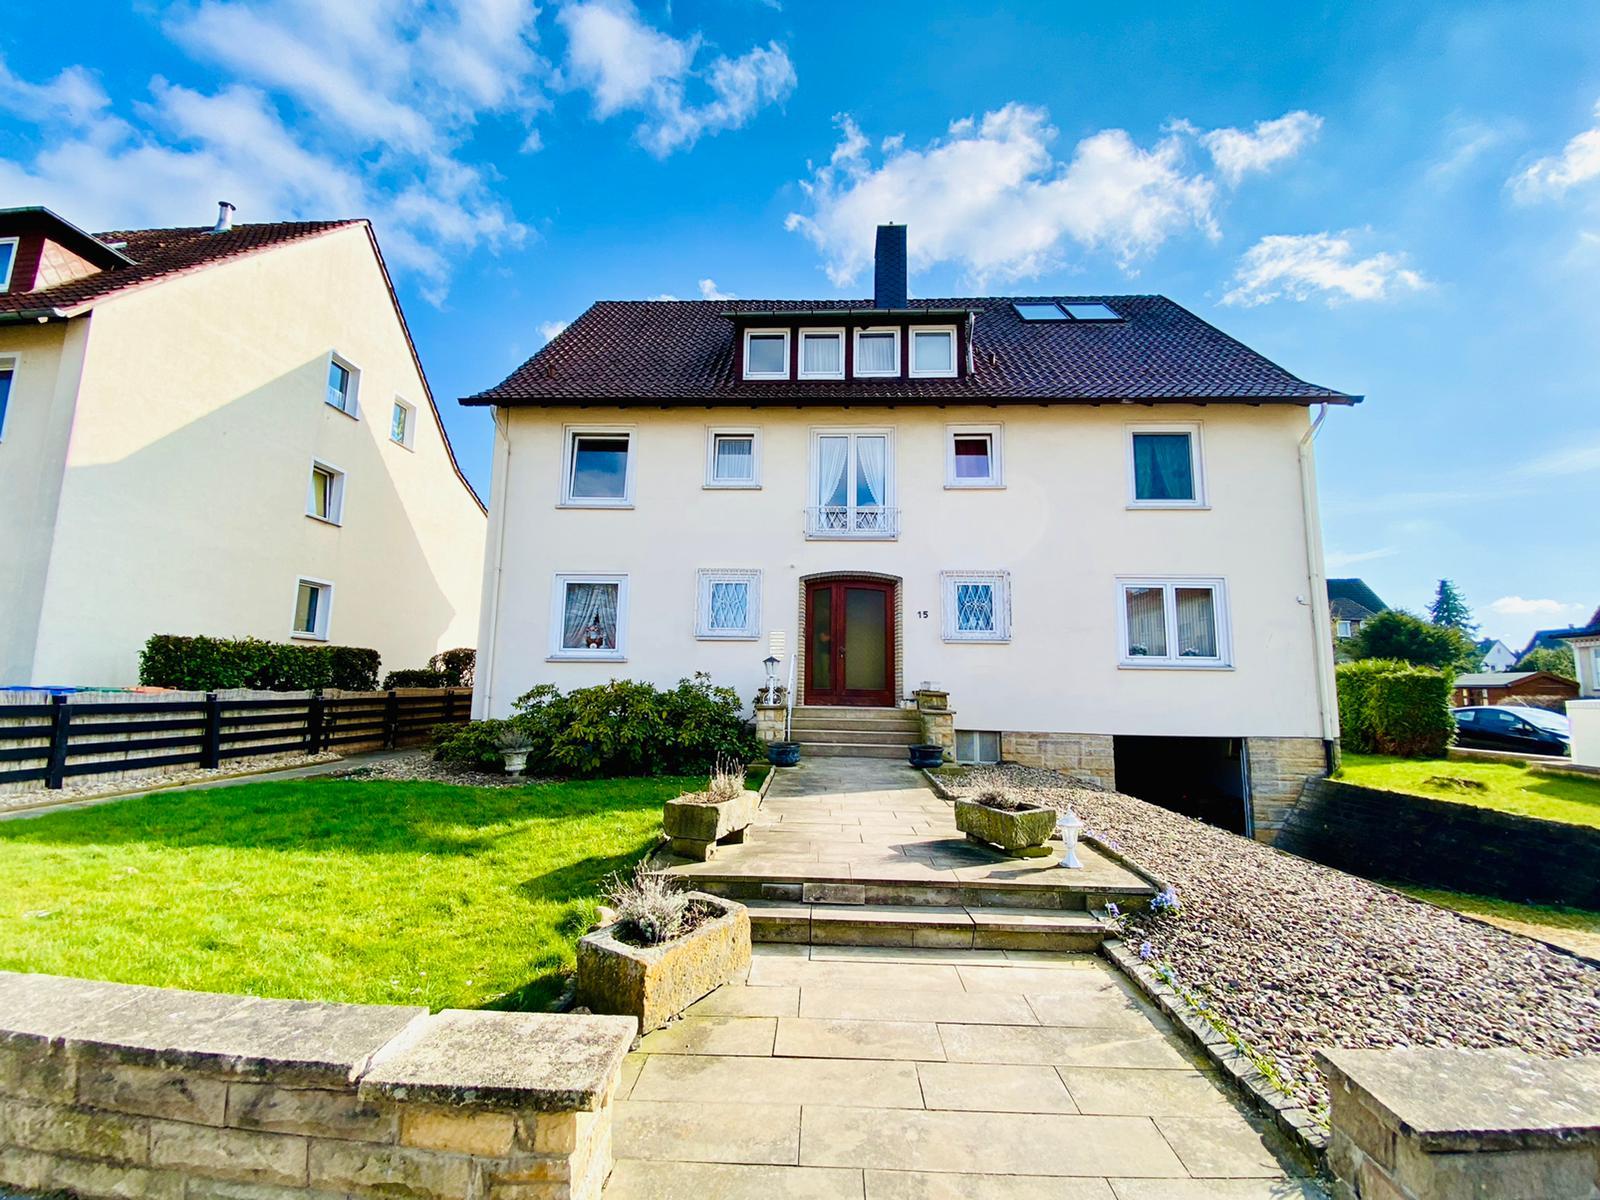 Mehrfamilienhaus mit Teilungserklärung in Zentrumslage von Bad Nenndorf mit angenehmer Umgebung.